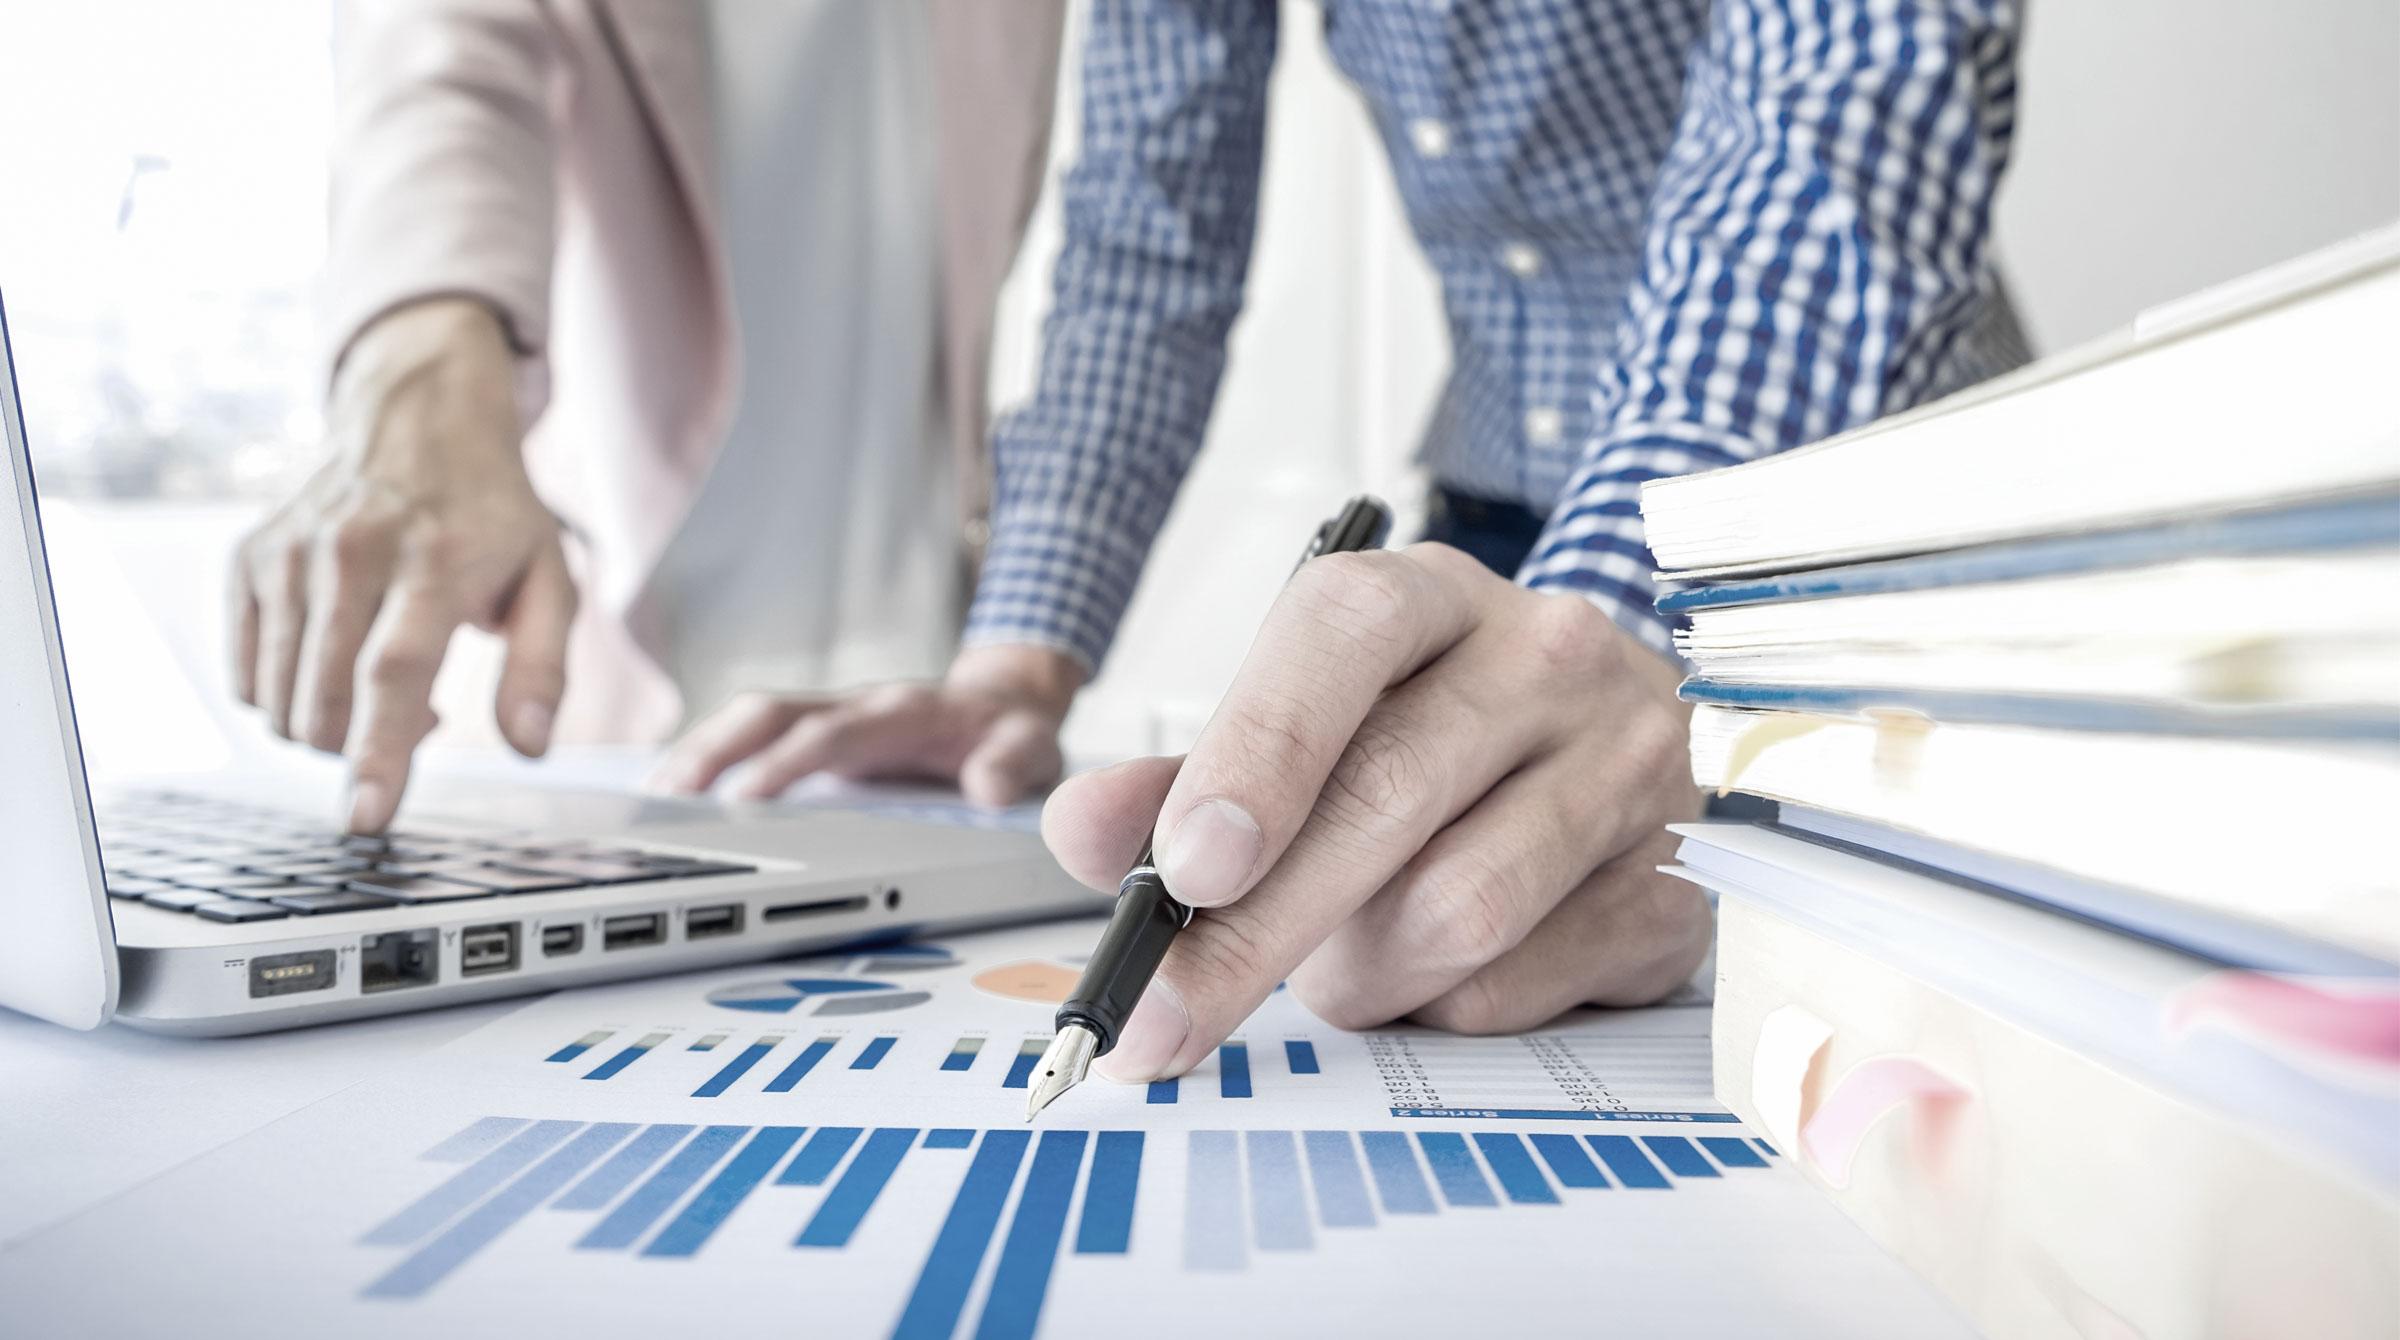 Fondssparplan oder Einmalanlage